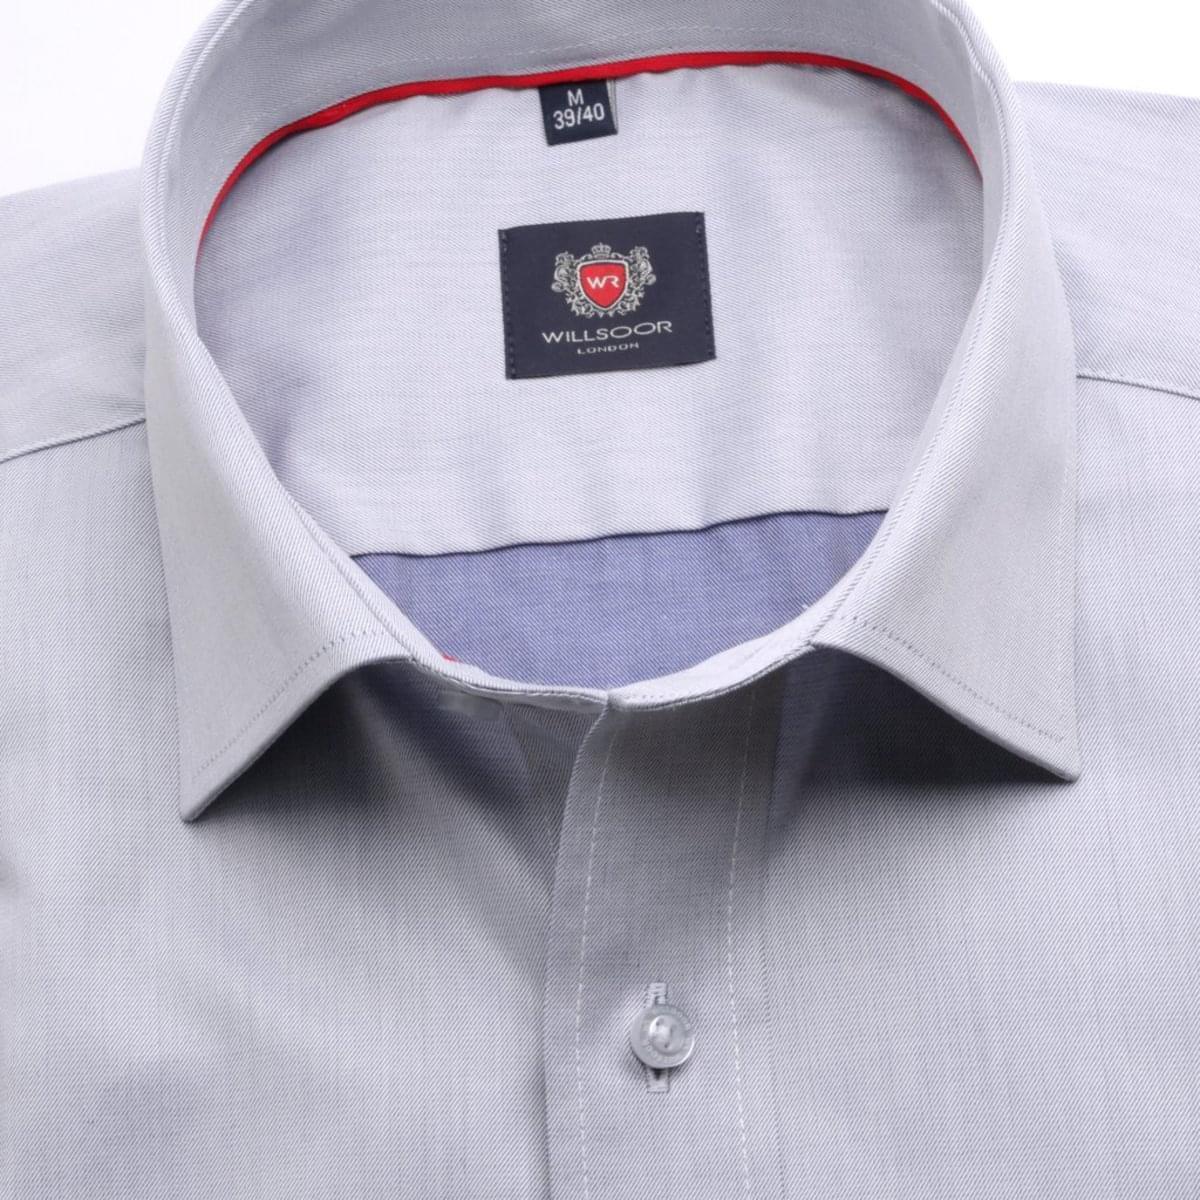 Pánská klasická košile London (výška 176-182) 6758 v šedé barvě s formulí Easy Care 176-182 / L (41/42)